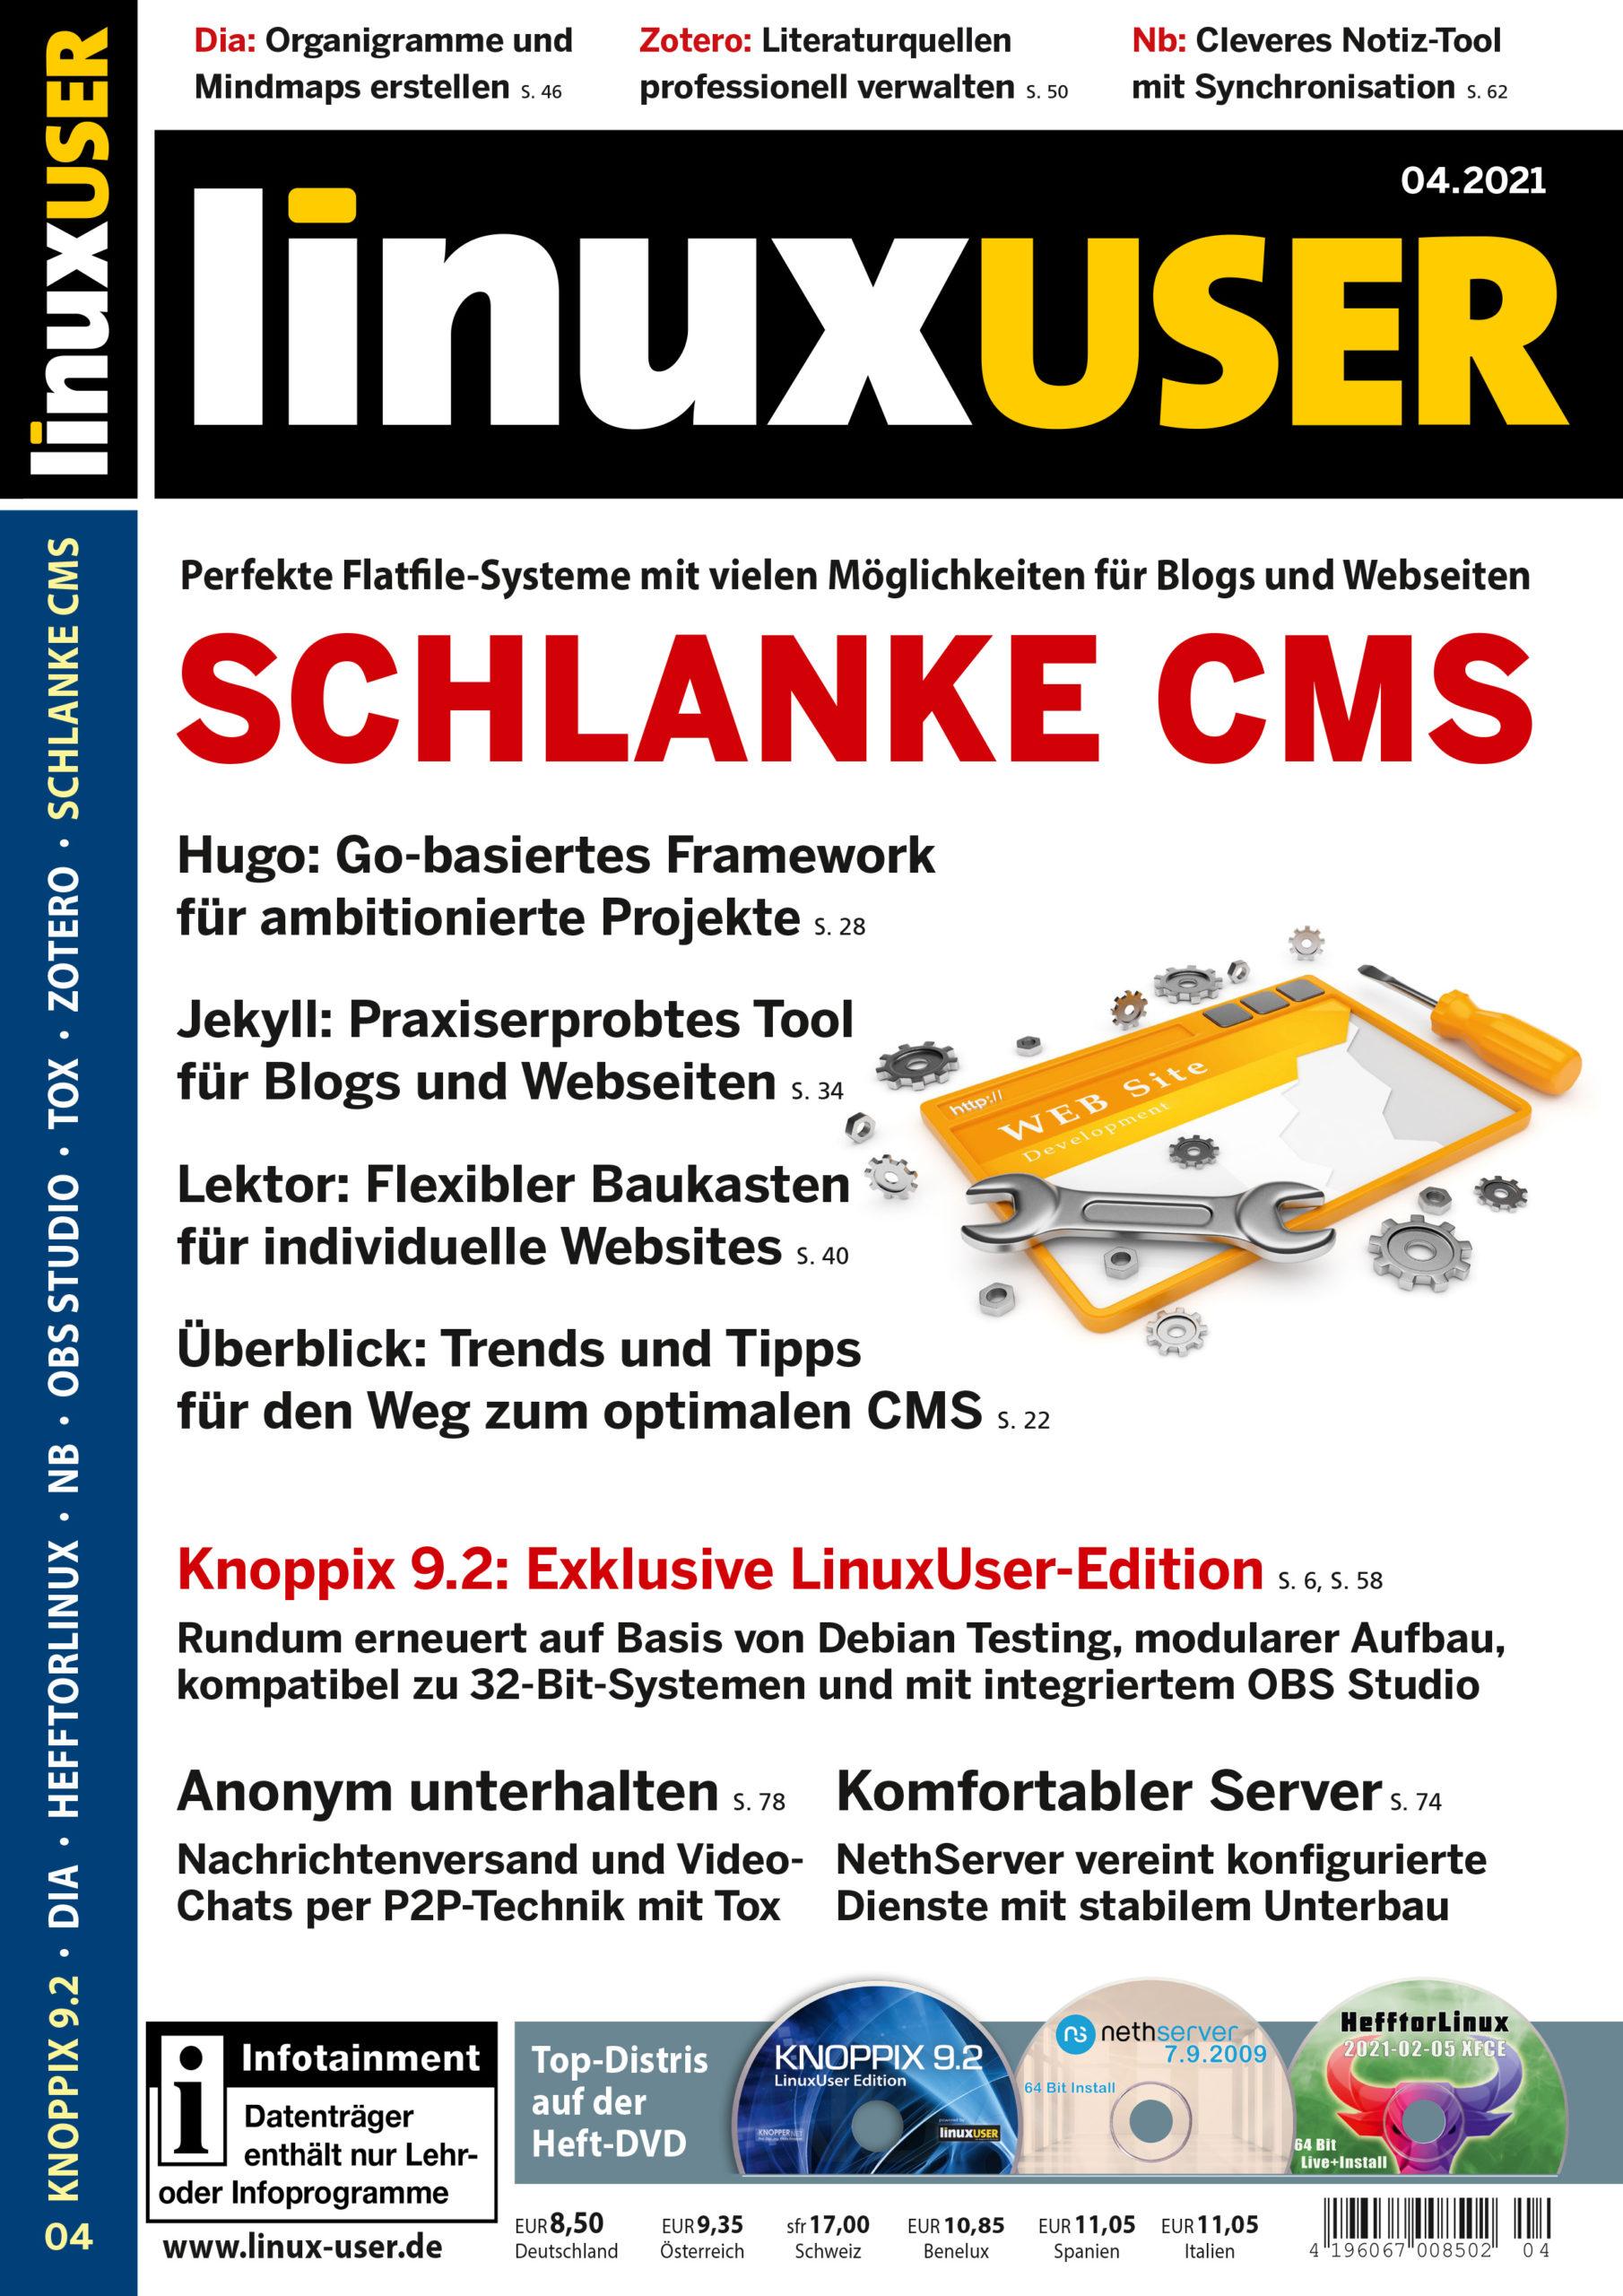 LinuxUser Studentenabo